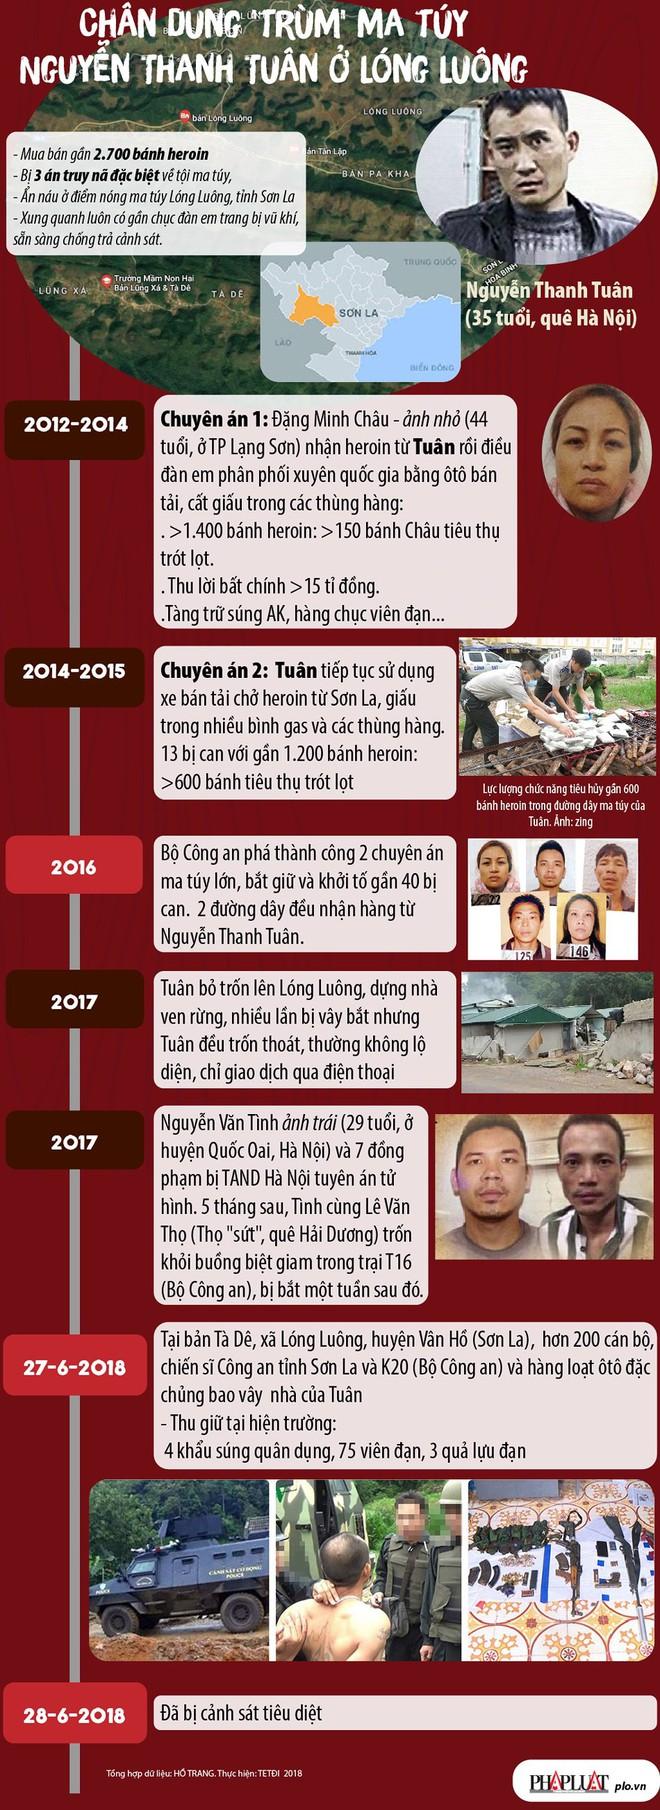 Chân dung trùm ma túy Nguyễn Thanh Tuân ở Lóng Luông - Ảnh 1.